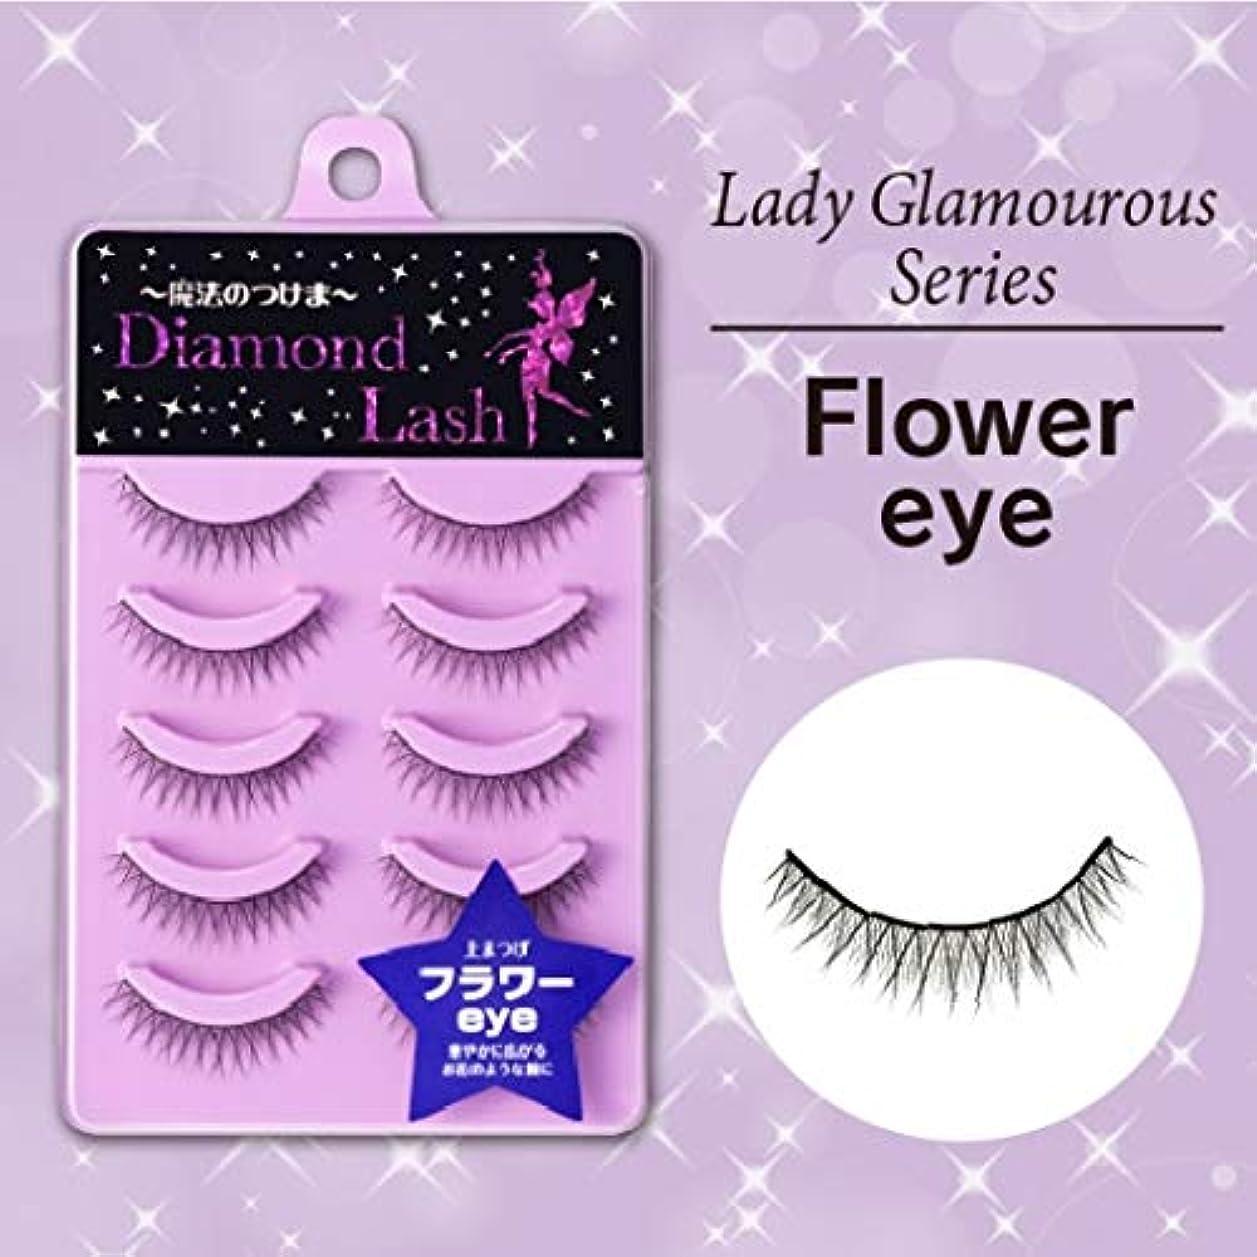 不毛の自我くるみDiamond Lash(ダイヤモンドラッシュ) レディグラマスシリーズ フラワーeye